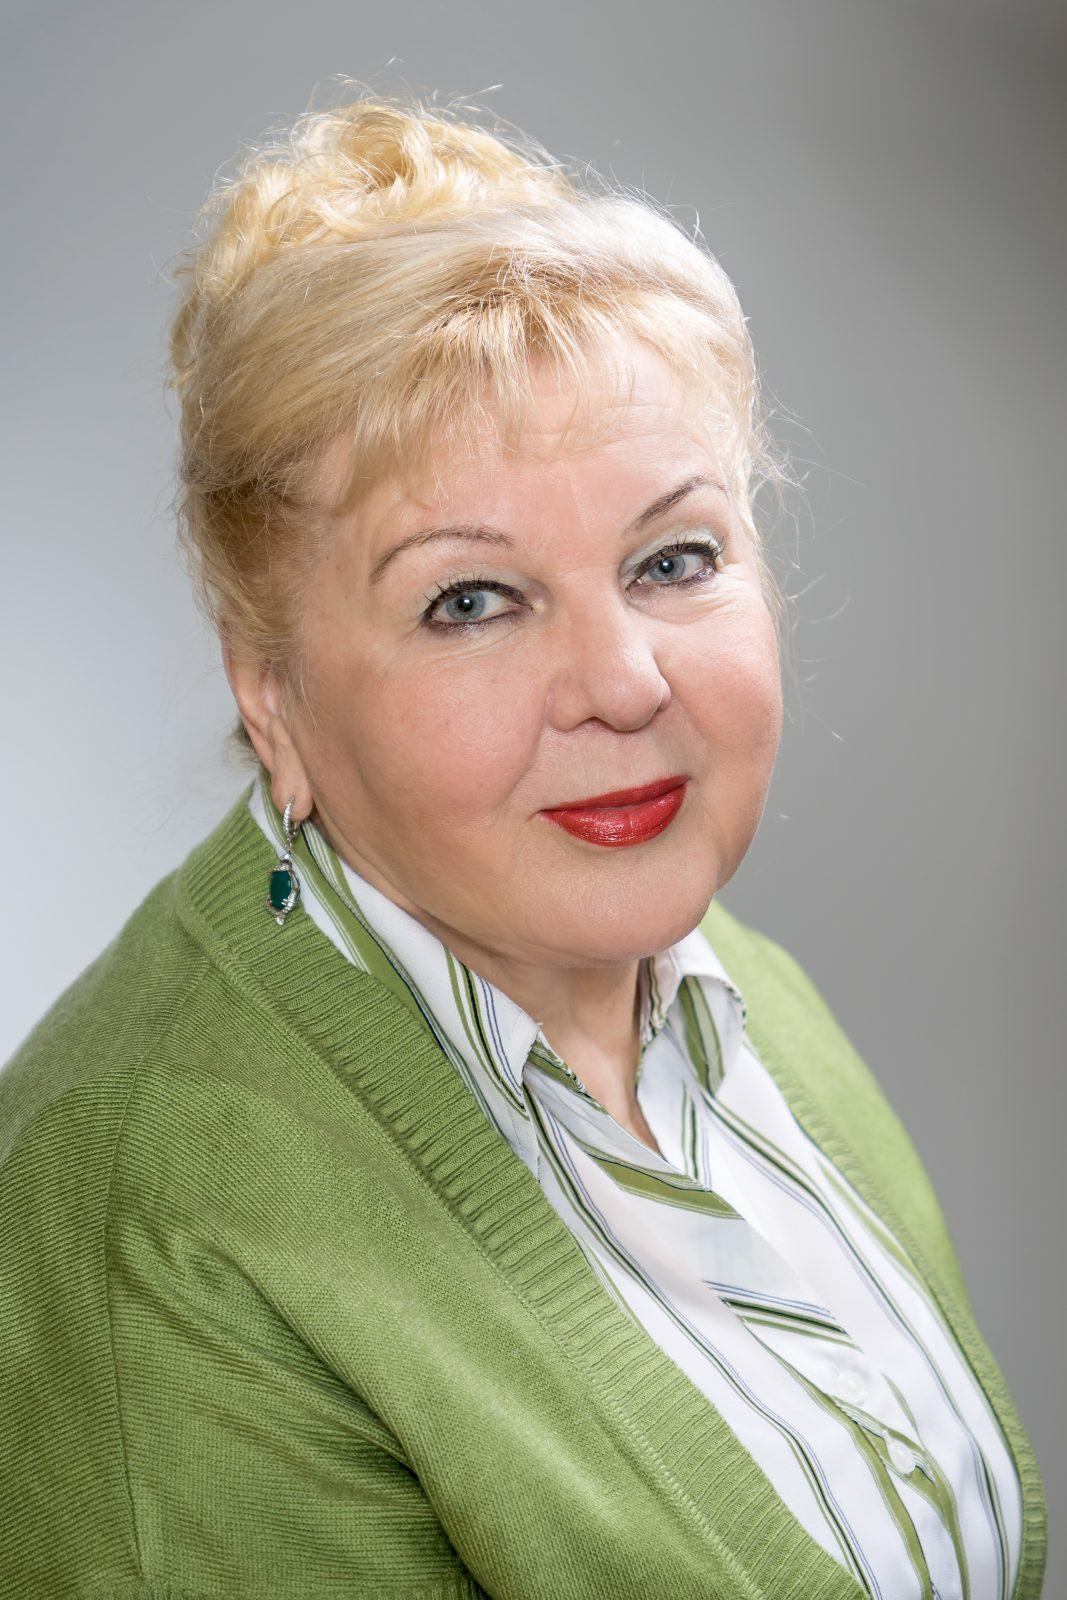 Tetiana Petrivna Kilochok